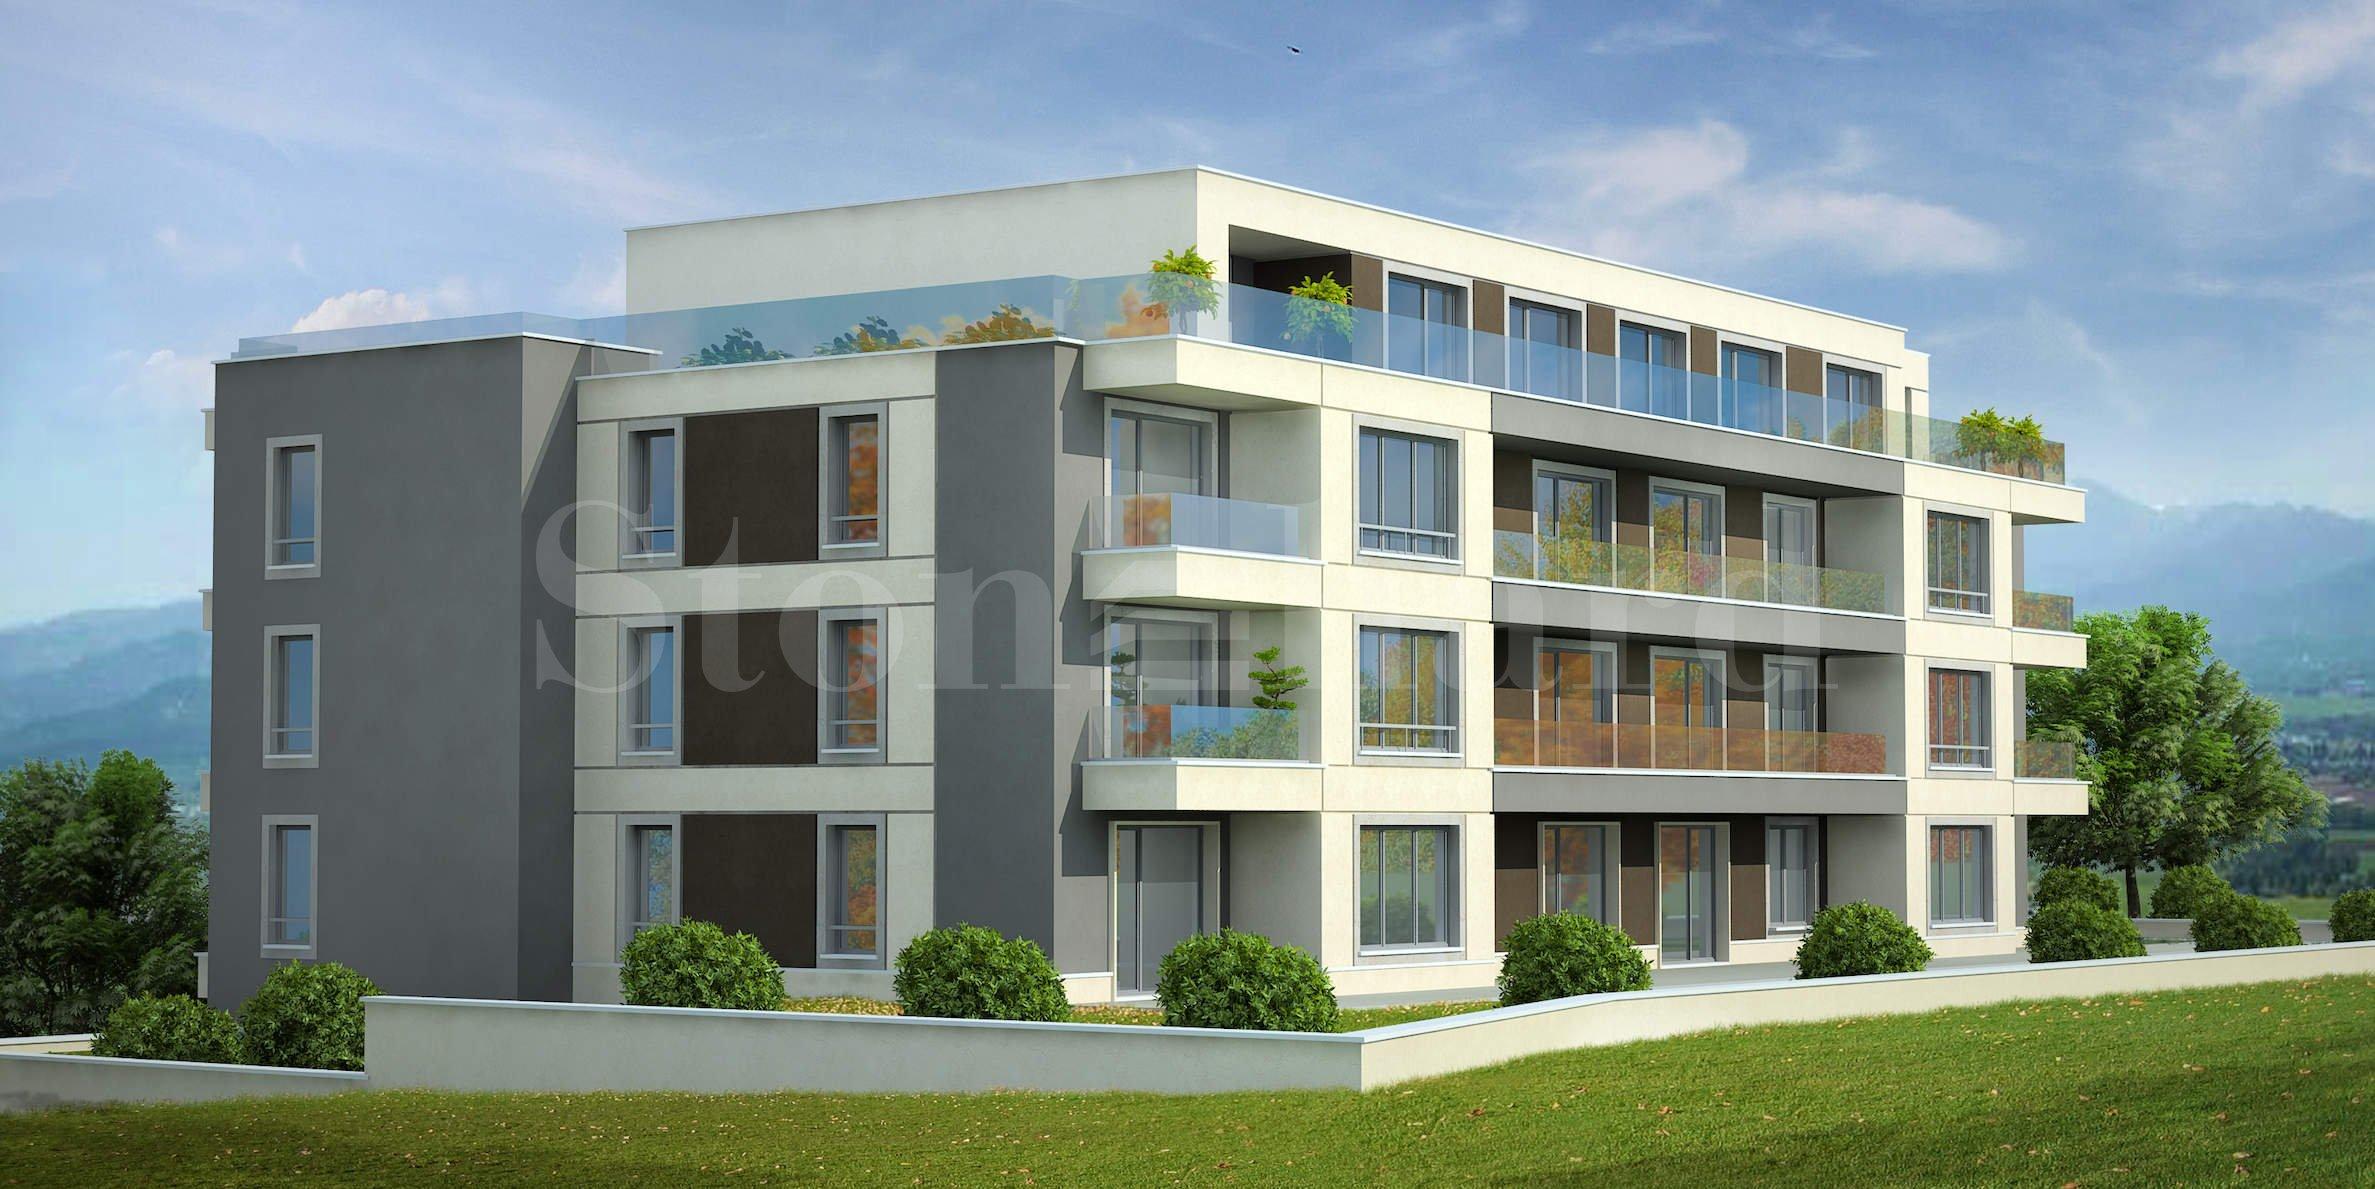 Новострояща се сграда с апартаменти в полите на Витоша, кв.